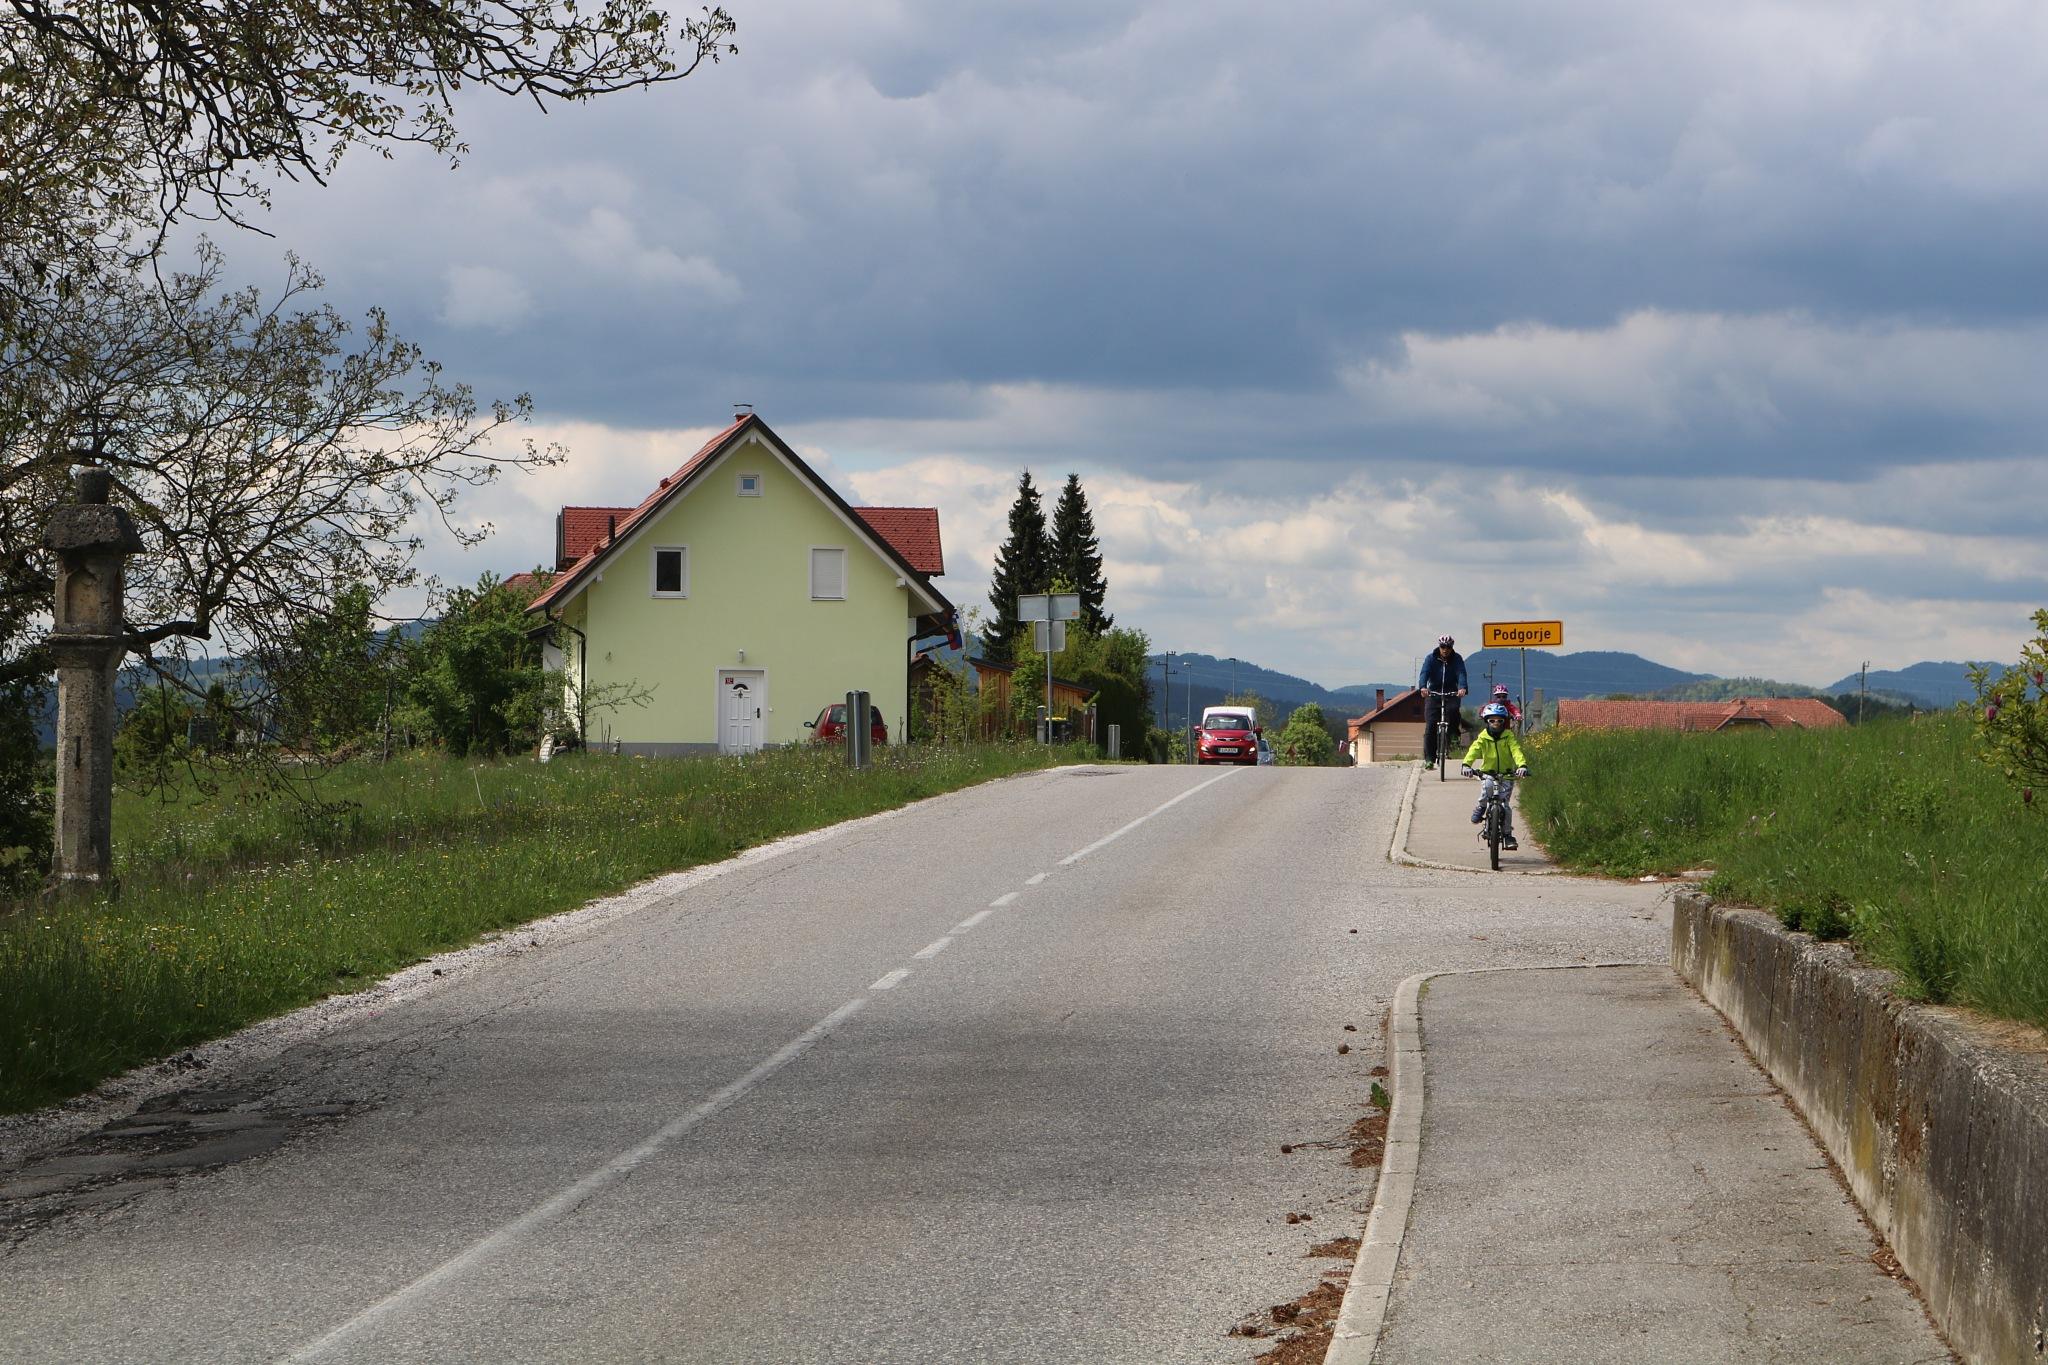 Podgorje pri Kamniku  by zvnktomasevic